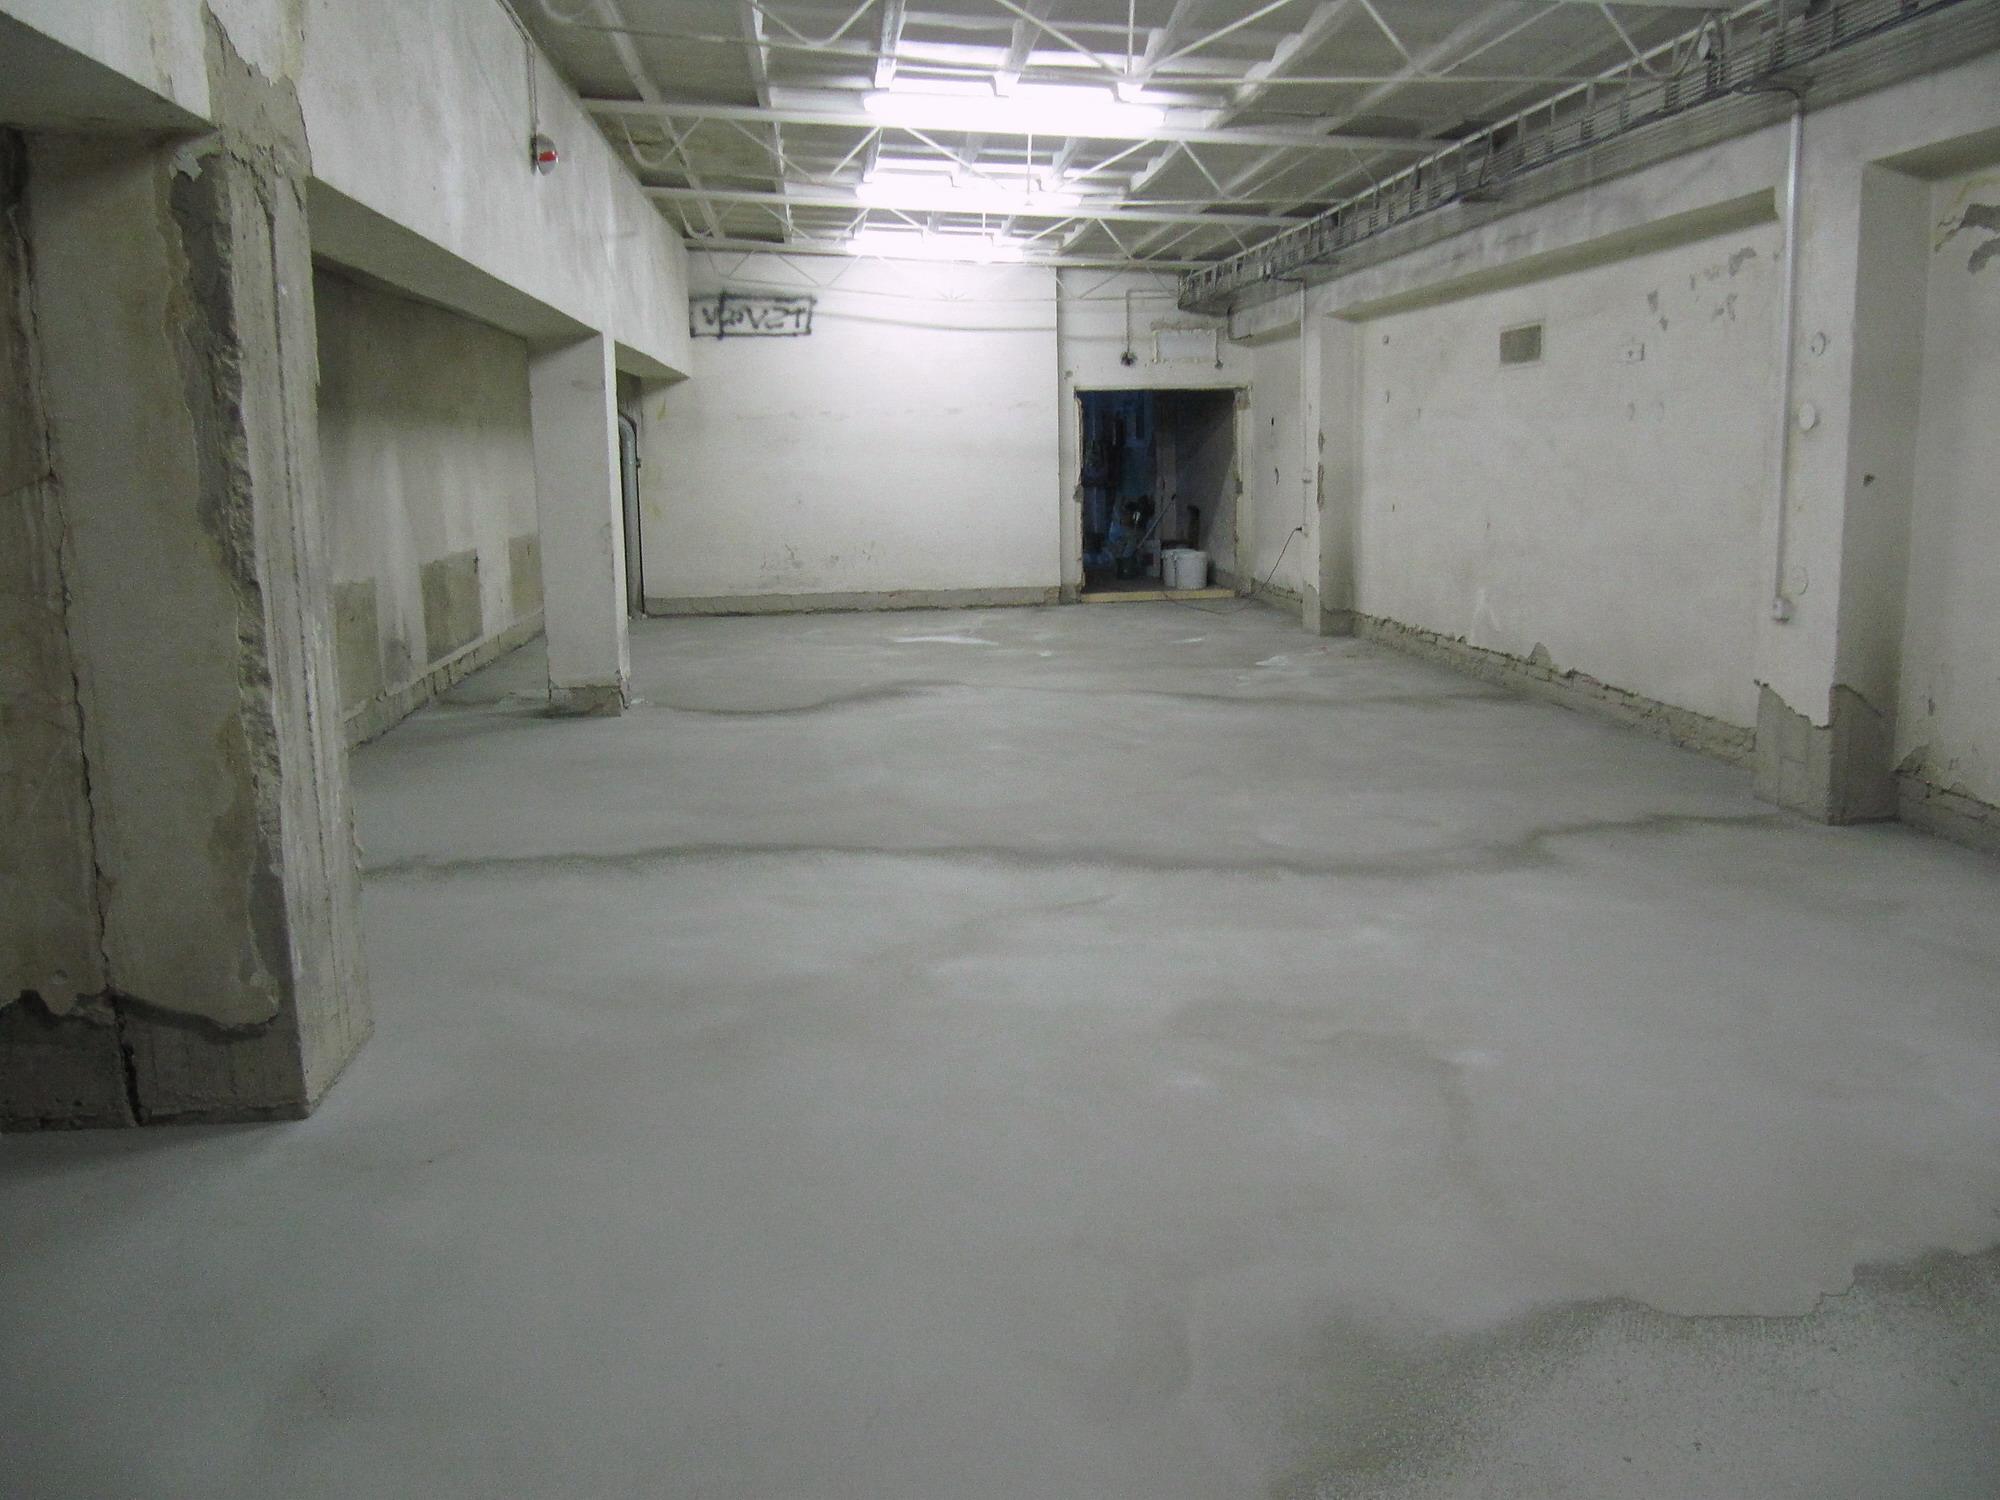 samonivelační stěrky na průmyslové podlahy